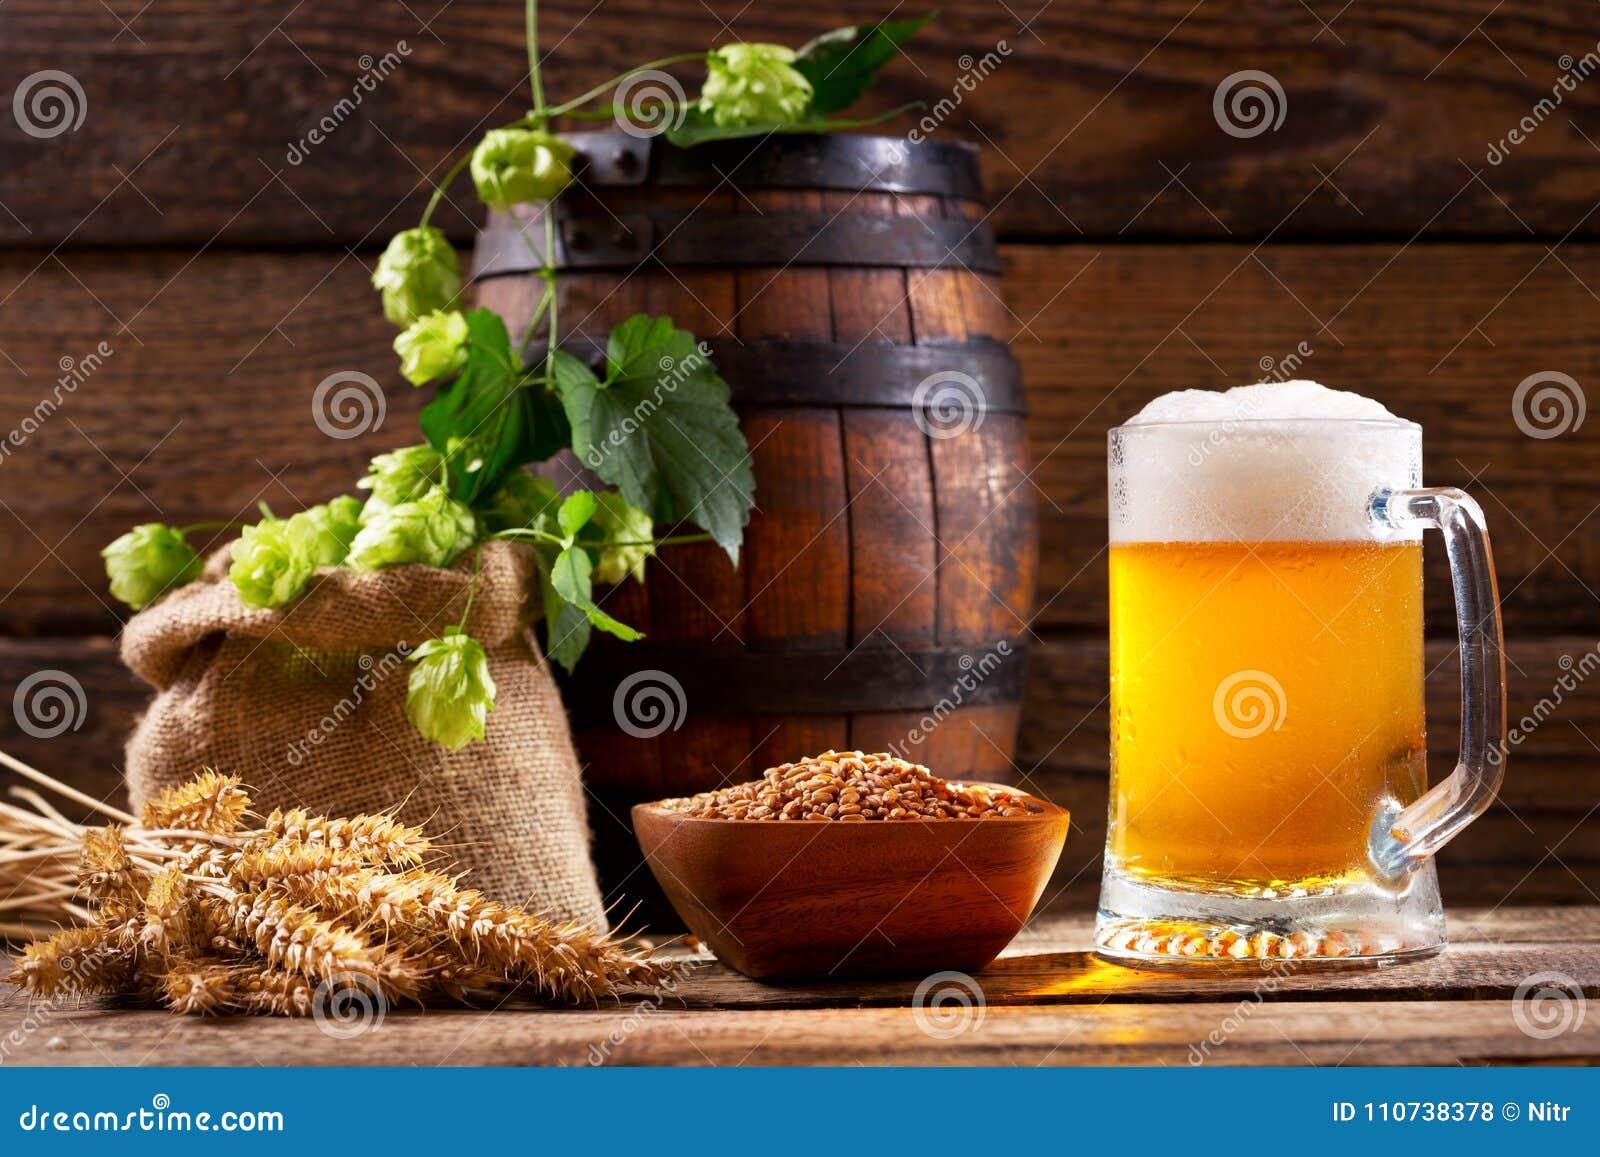 Mok bier met groene hop, tarweoren en houten vat